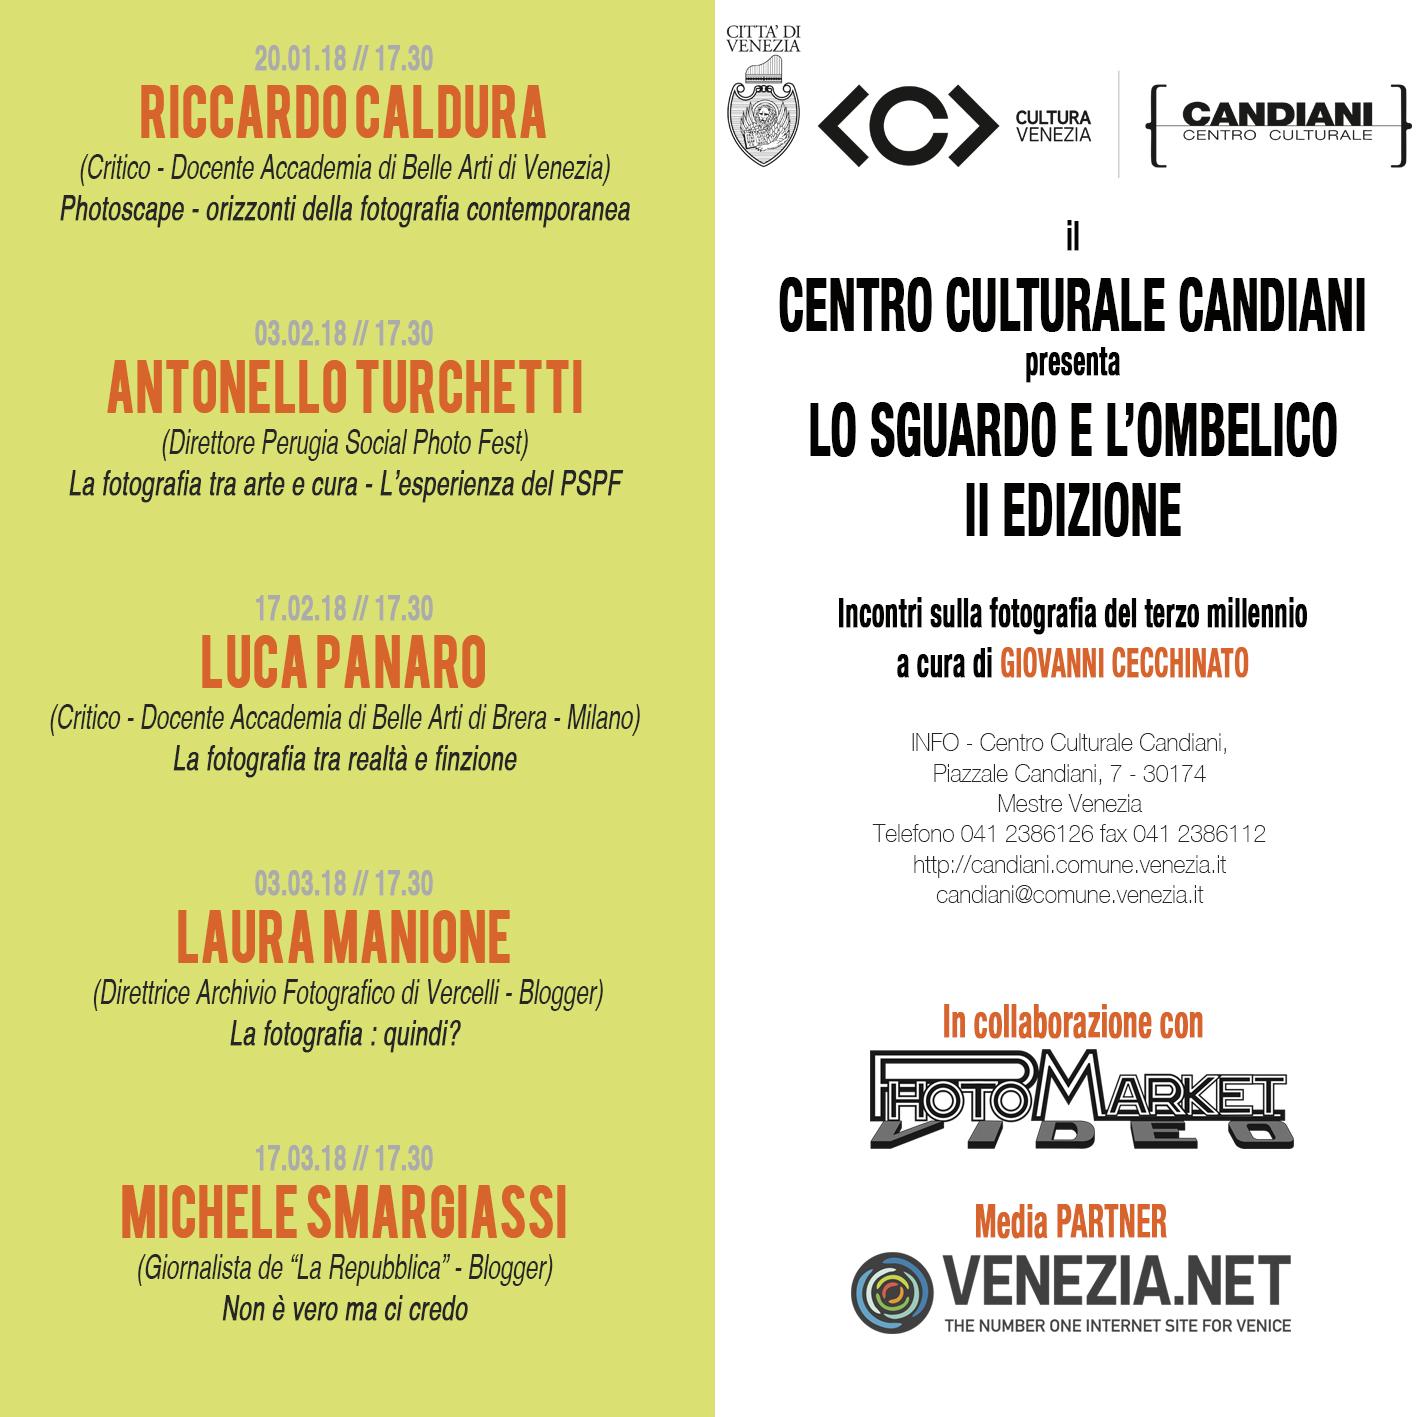 2018 - Lo Sguardo e l'Ombelico - Seconda Edizione